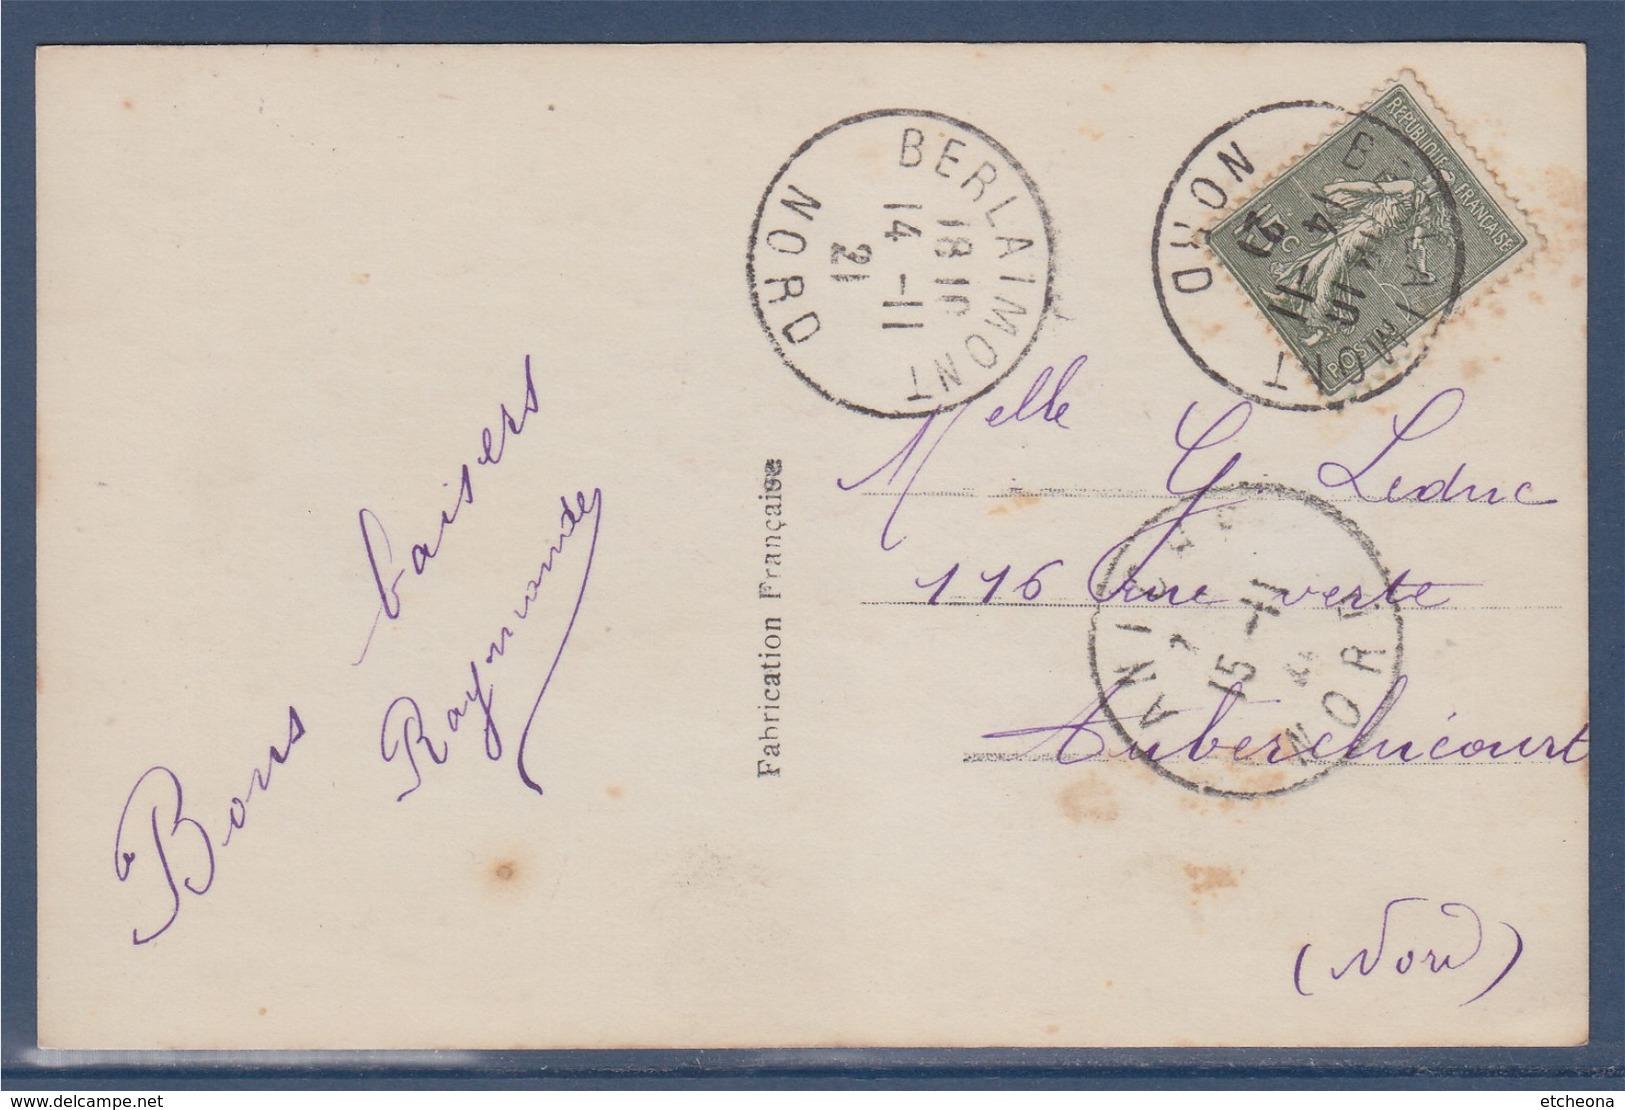 = Carte Postale Mignon Poste Le 14.11.21 De Berlaimont - Autres